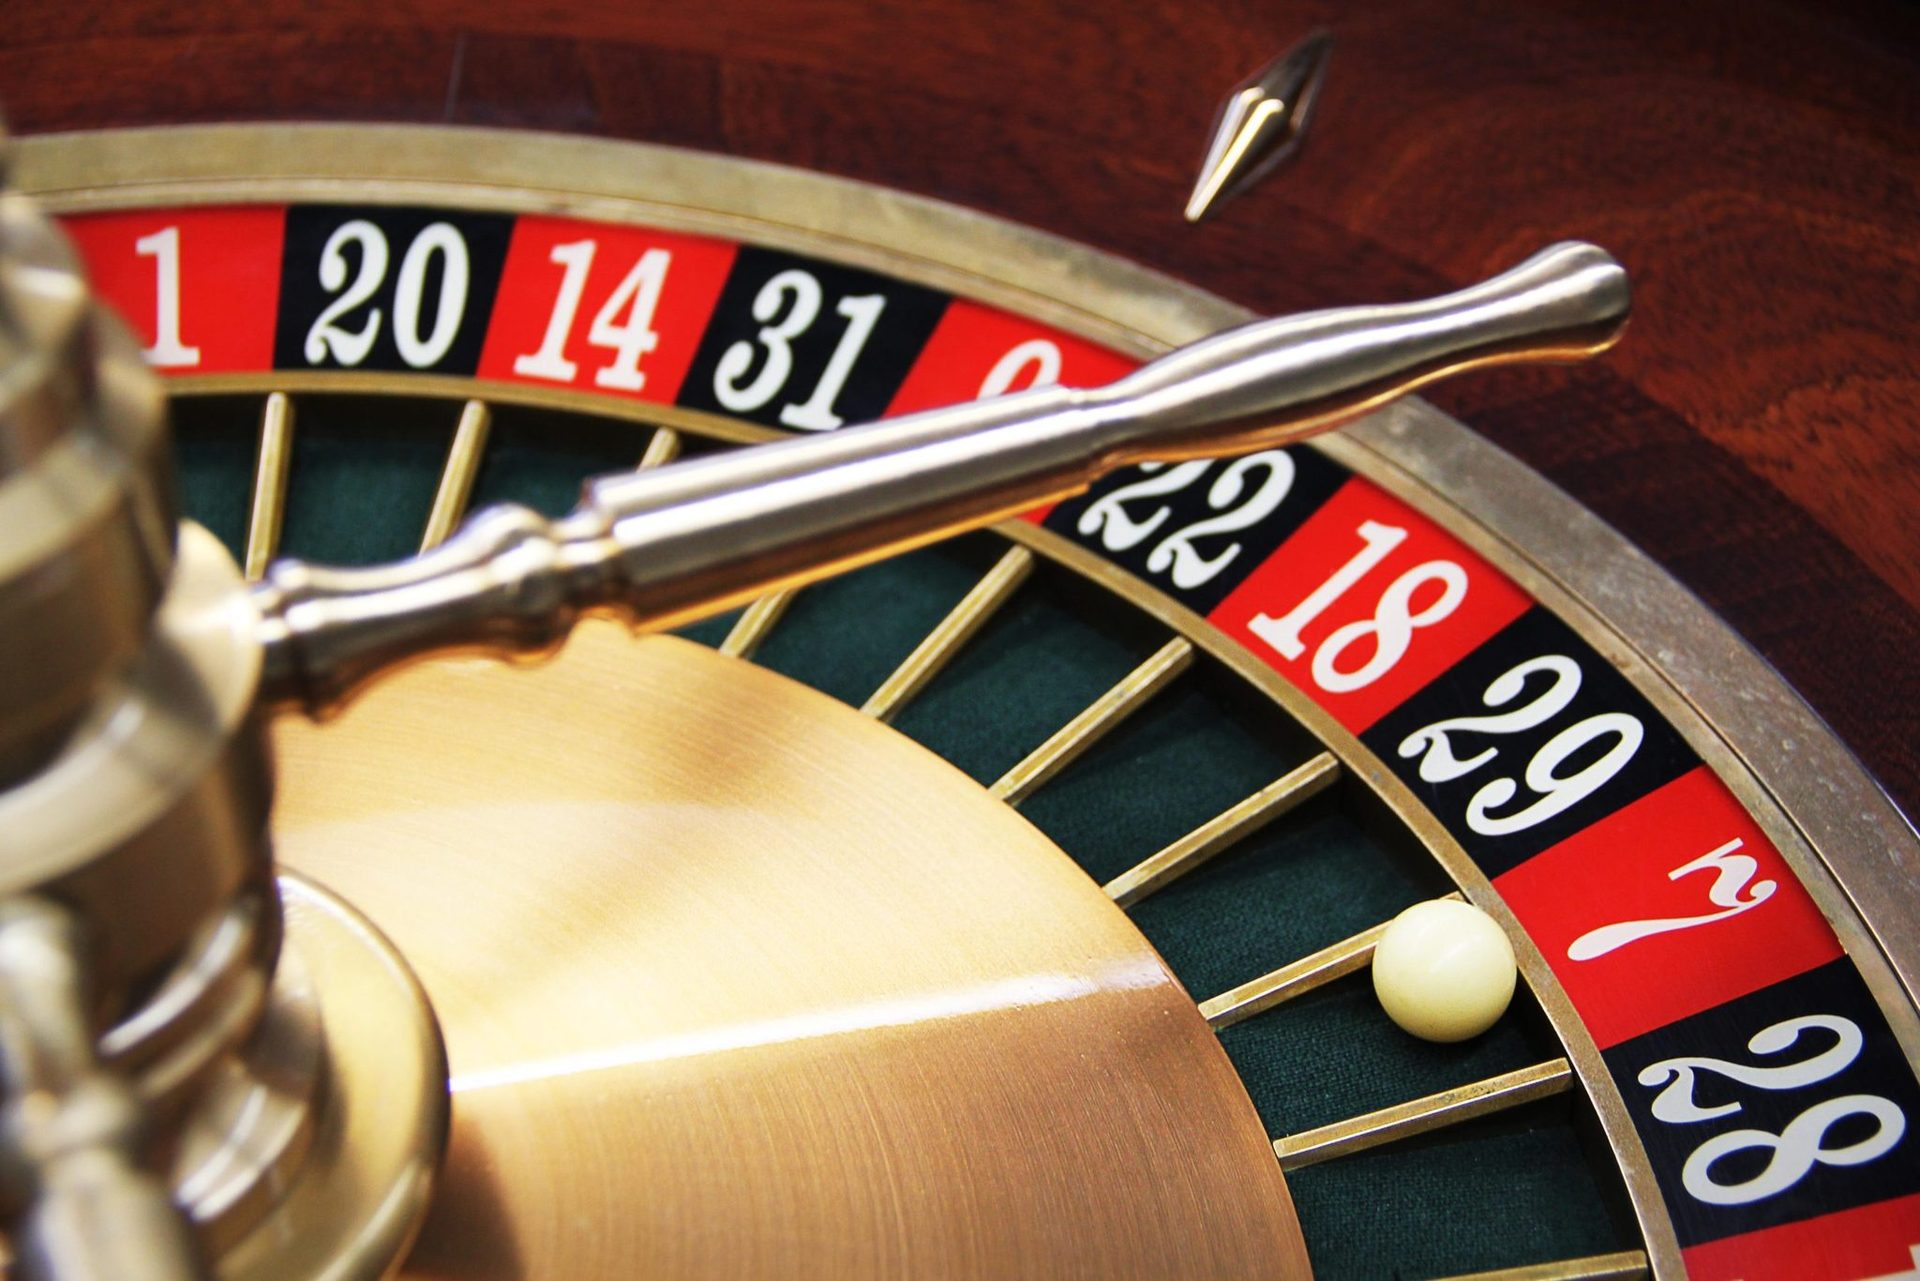 Для азартных гостей на территории отеля есть казино, поэтому можете попробовать свою удачу и сыграть в покер!